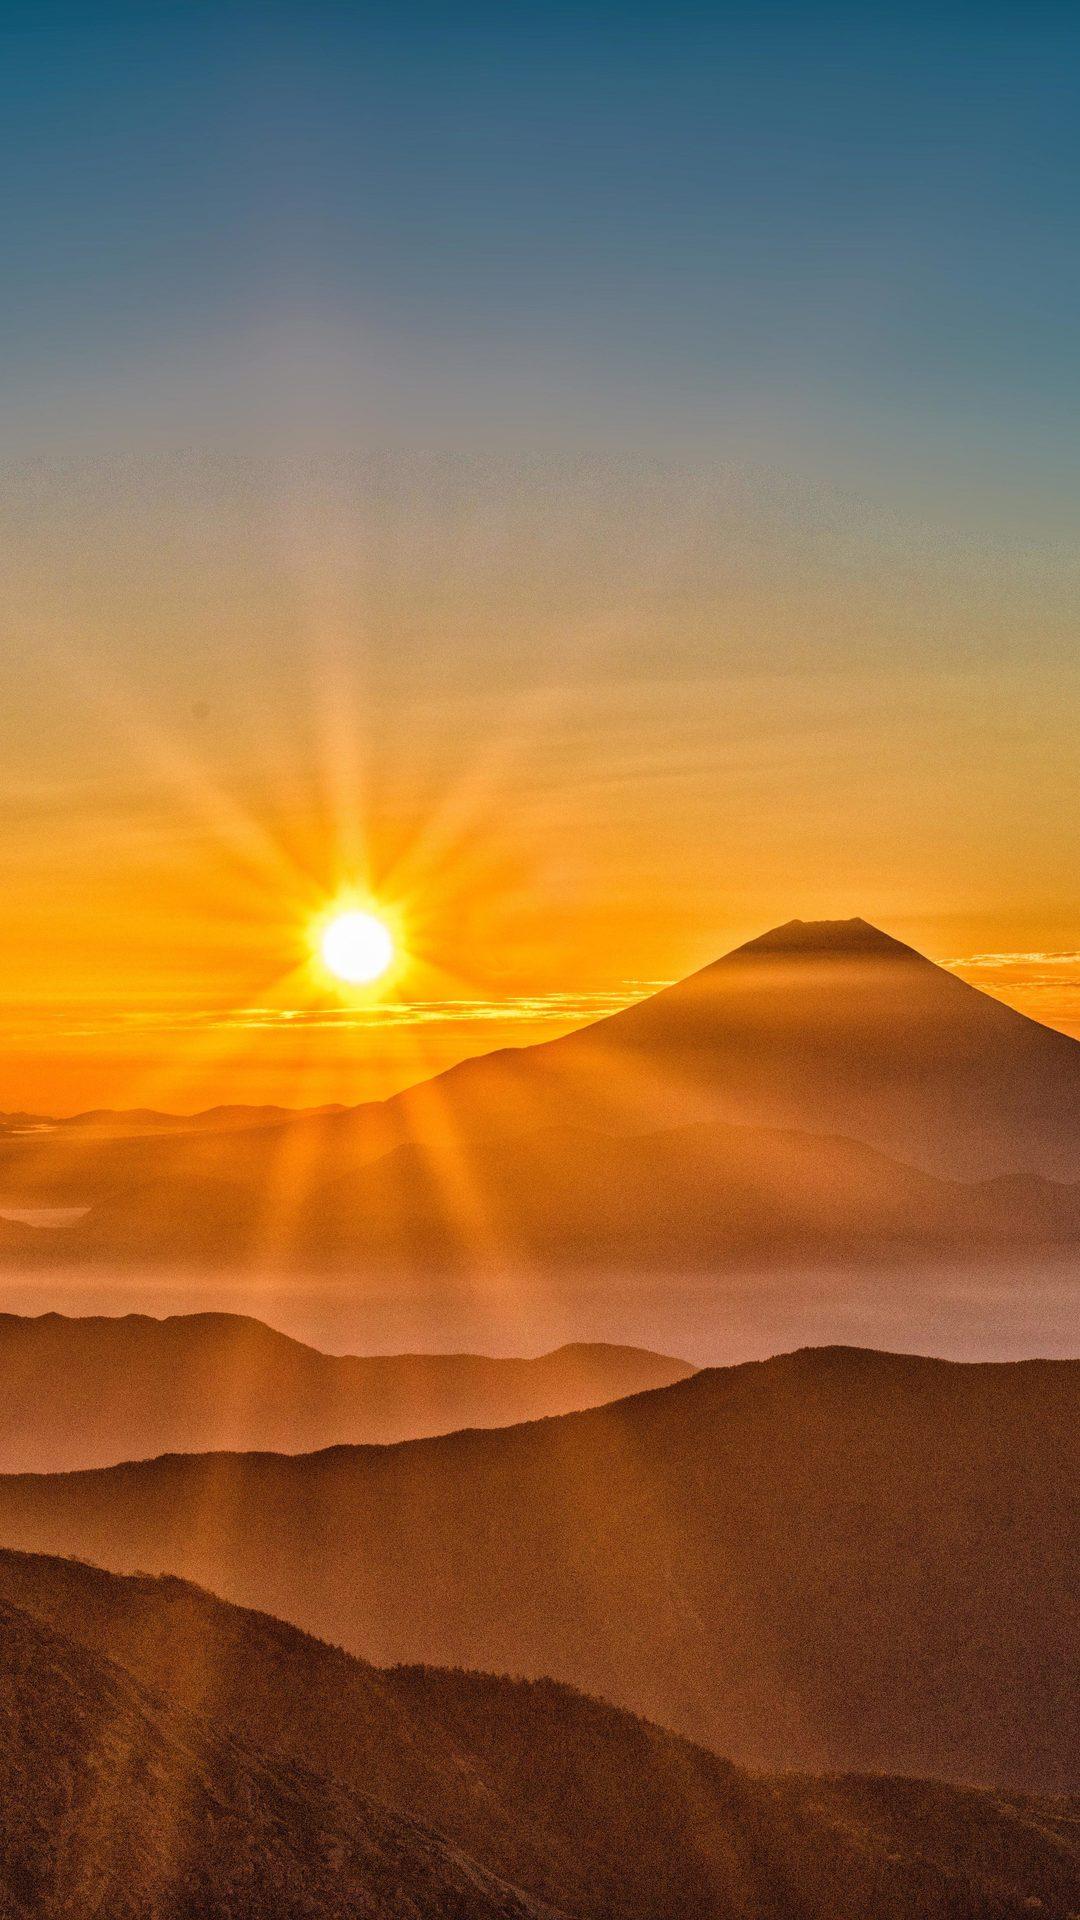 mount fuji morning sun rising 8k g1 1080x1920 1 - Pack de Fondos de Pantalla de Montañas